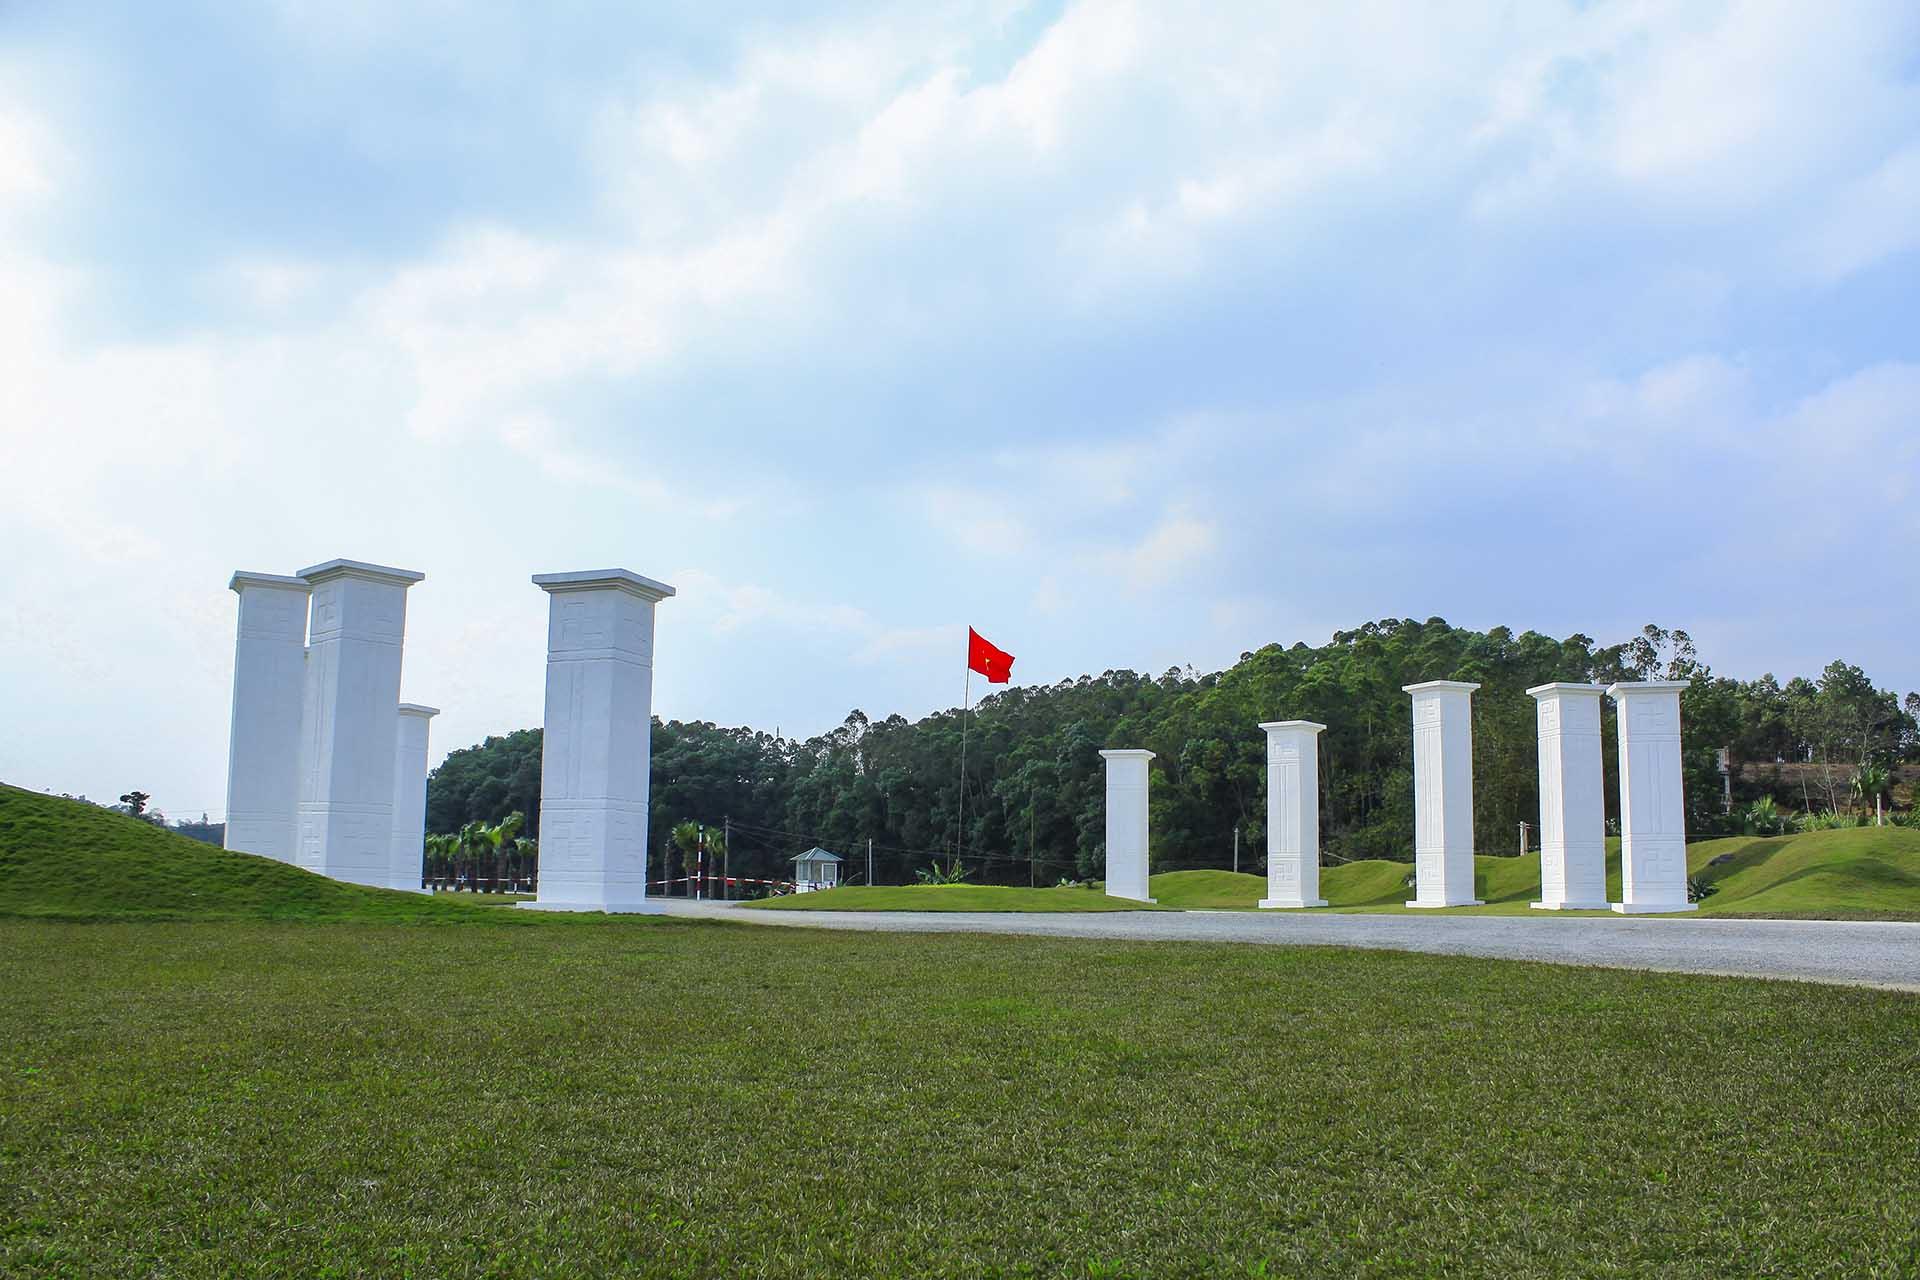 Mười cột phát binh tượng trưng cho ngũ hành